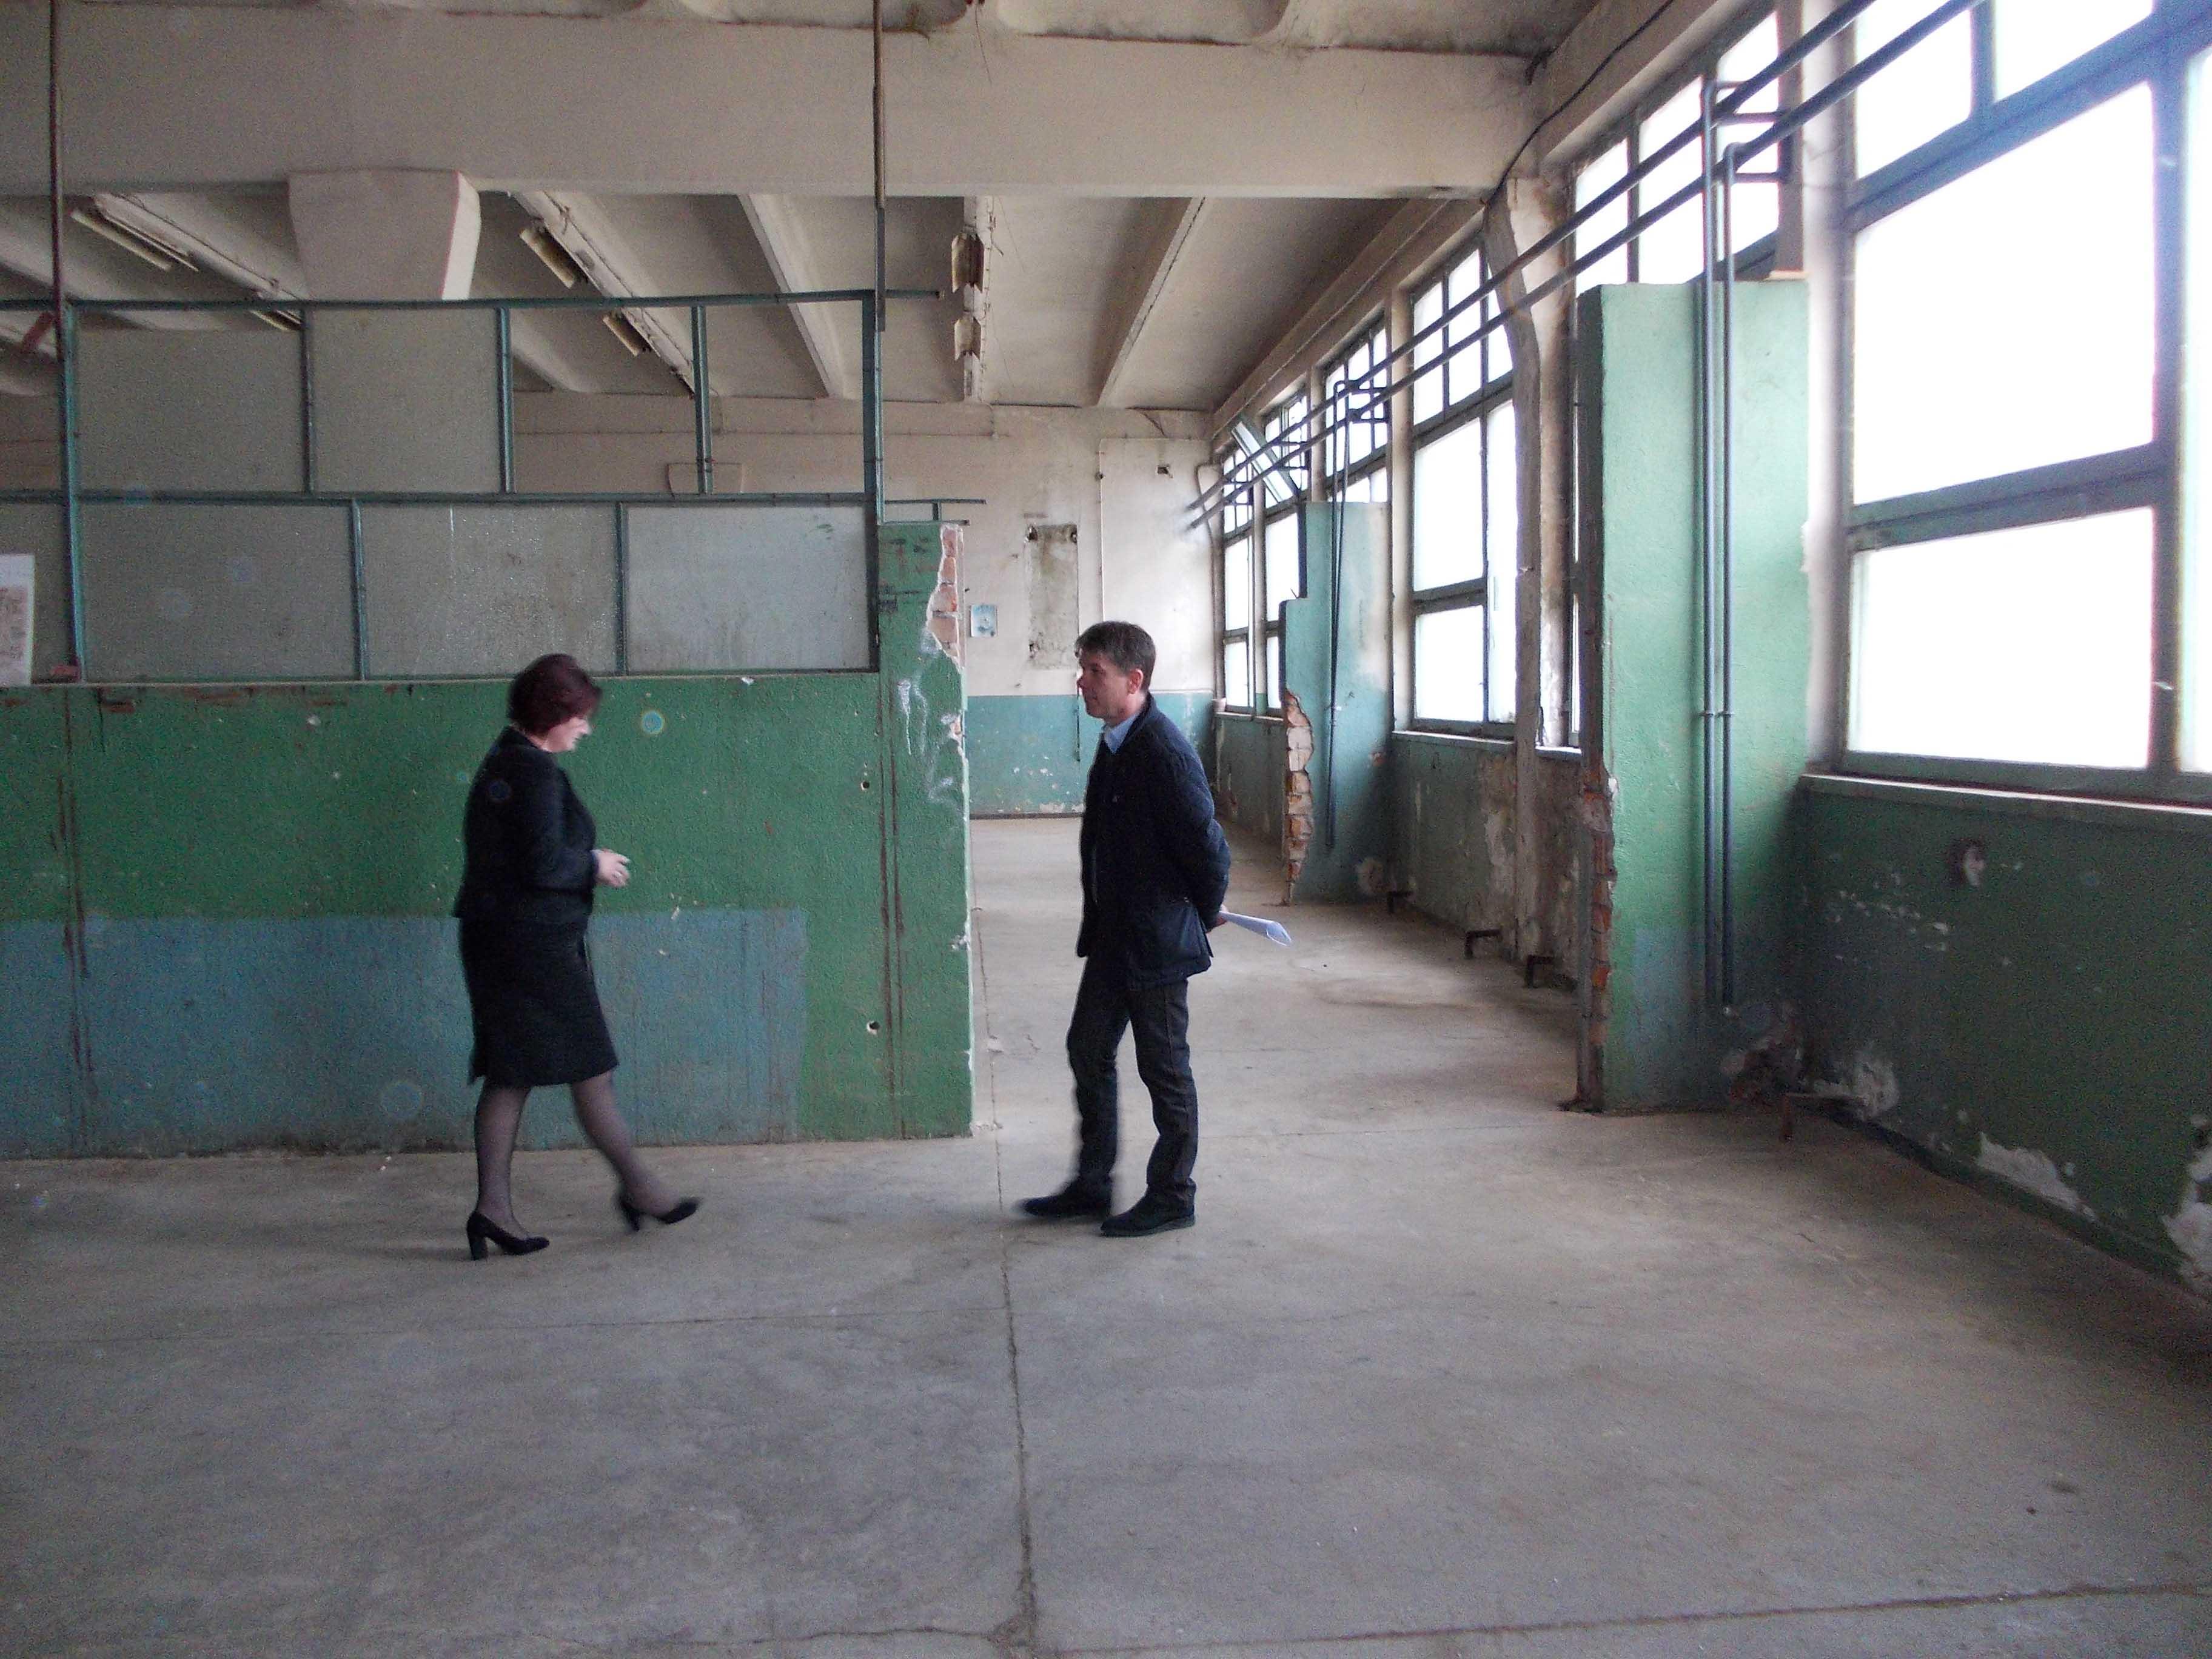 Licitaţia pentru reabilitarea atelierelor Liceului Rulmentul, câştigată de Conforest în schimbul sumei de 1,43 milioane de lei